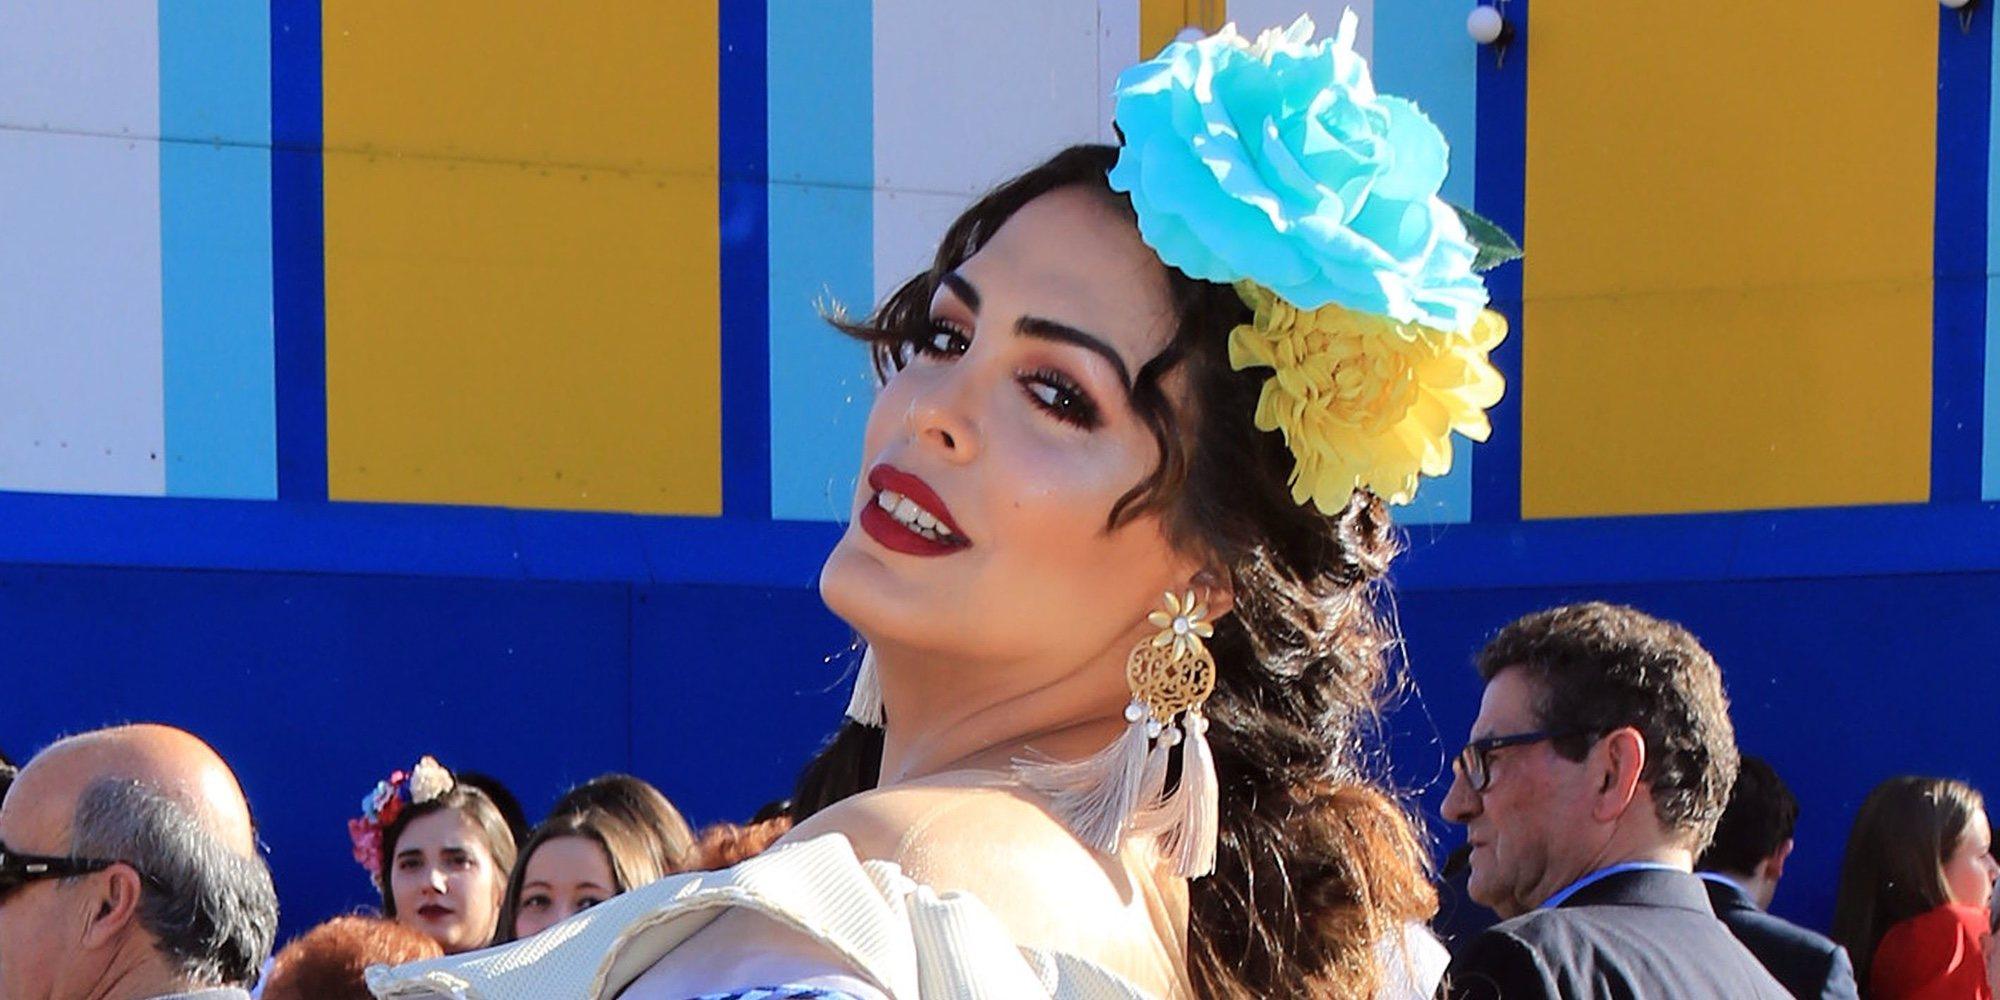 """Amor Romeira denuncia haber recibido comentarios como """"¡Debería morirse!"""" por una foto en la Feria de Abril"""